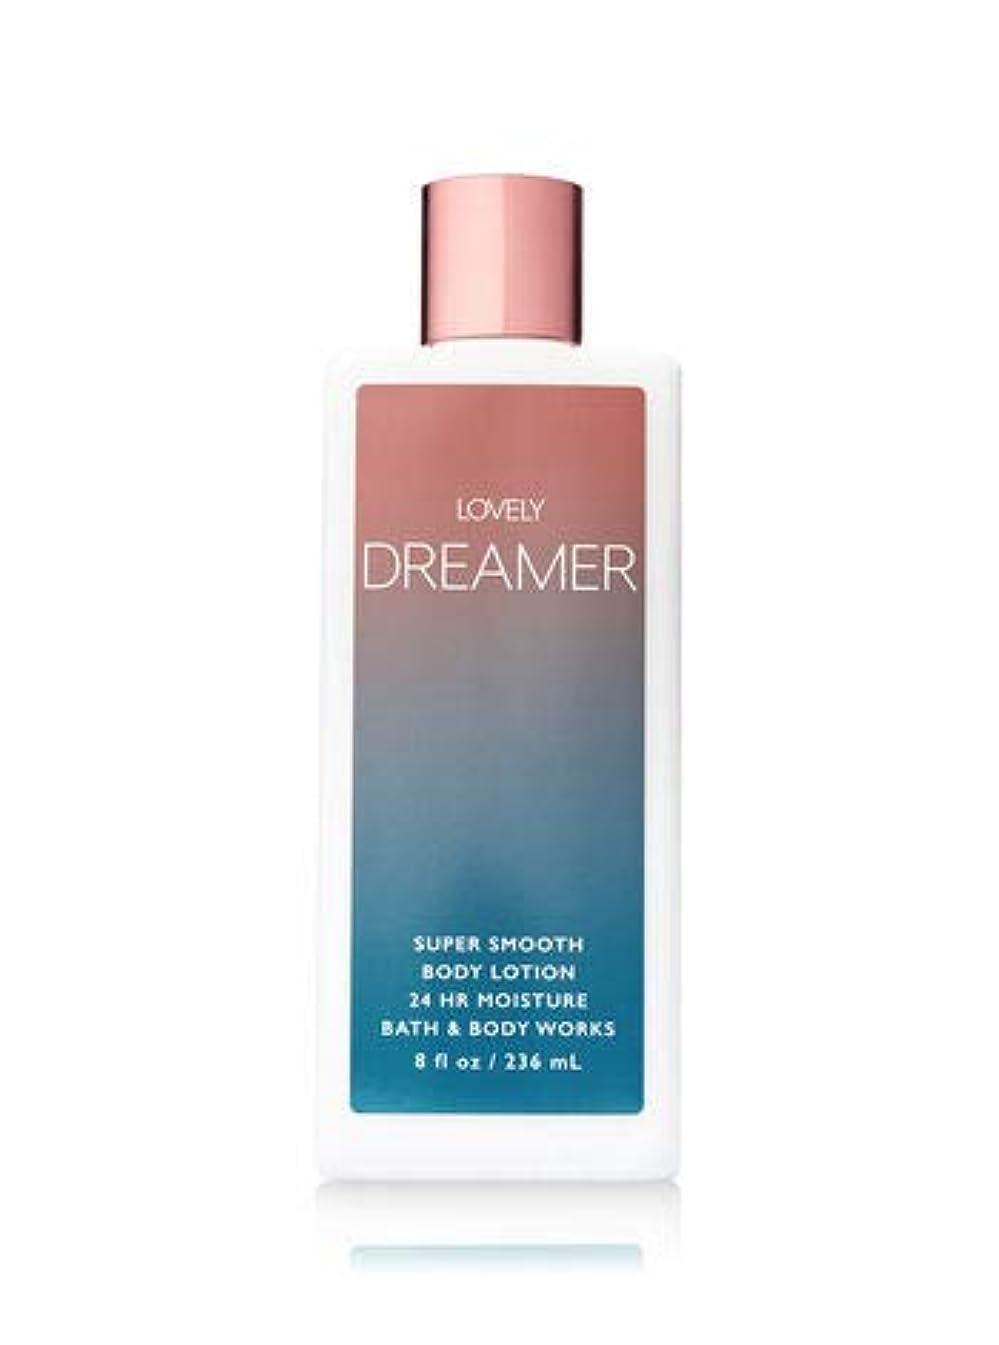 山ハプニング推定【Bath&Body Works/バス&ボディワークス】 ボディローション ラブリードリーマー Super Smooth Body Lotion Lovely Dreamer 8 fl oz / 236 mL [並行輸入品]